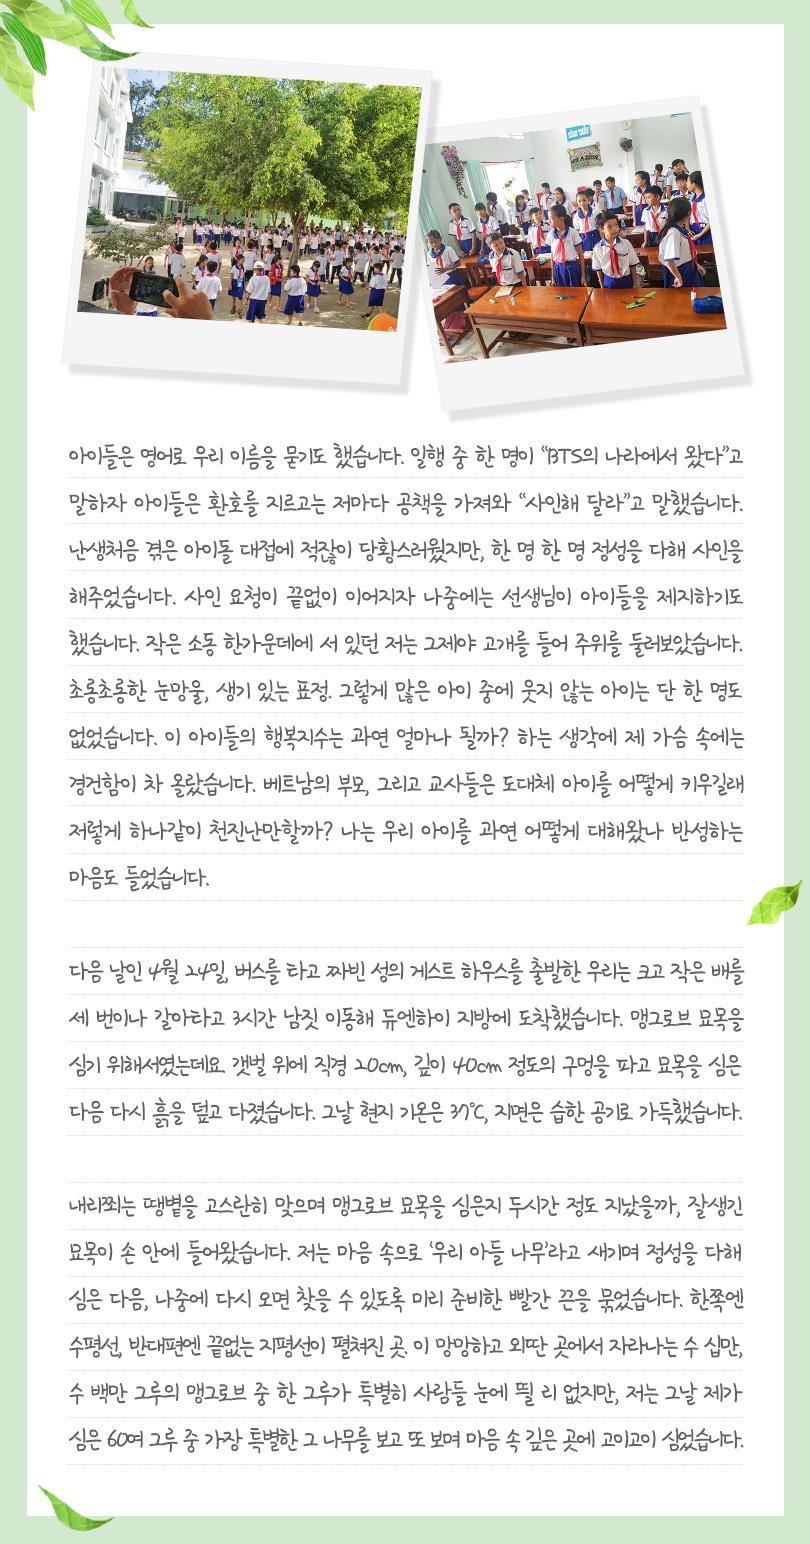 맹그로브_봉사활동_메인_이미지_2